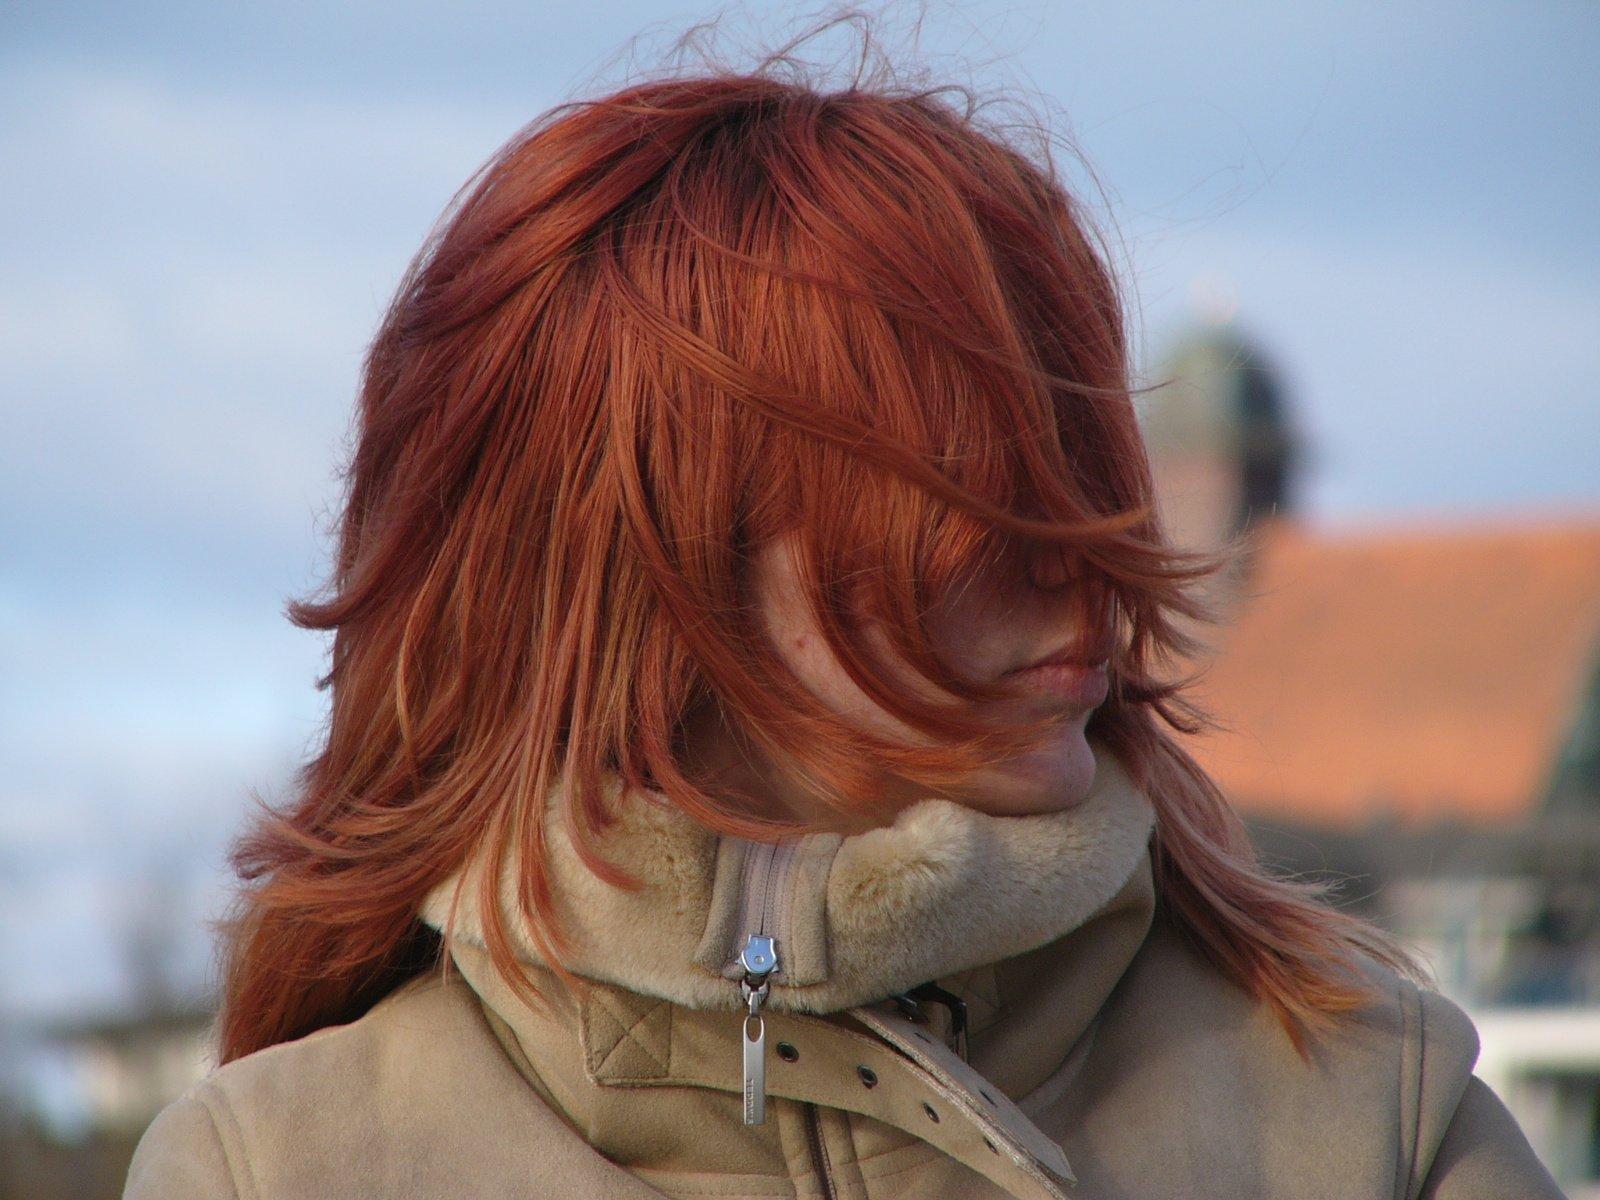 Фотографии девушек с рыжими волосами со спины, Рыжие девушки со спины (36 фото) 13 фотография